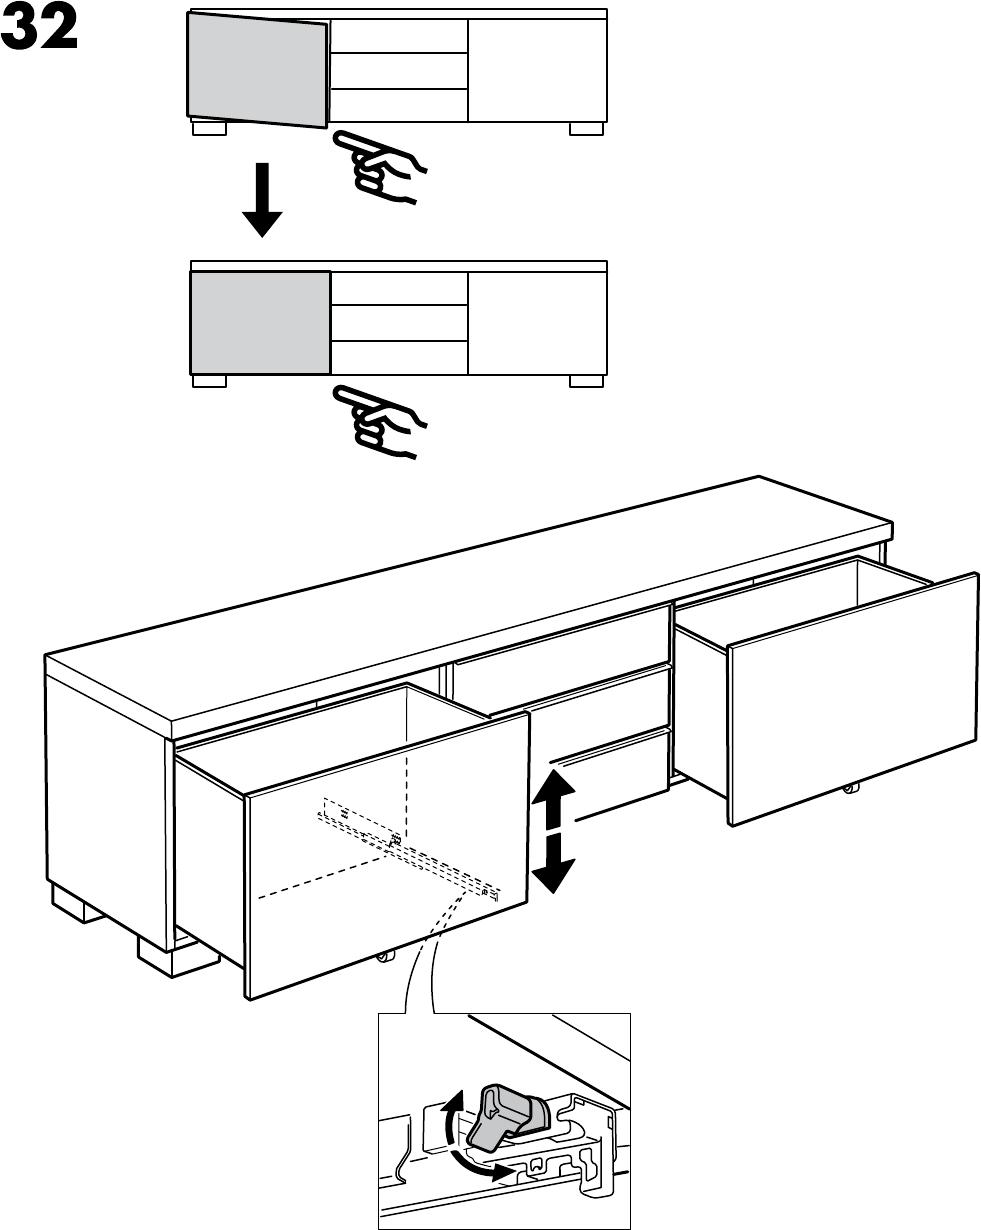 Ikea Besta Tv Meubel Kast.Handleiding Ikea Besta Burs Tv Meubel Pagina 20 Van 28 Alle Talen